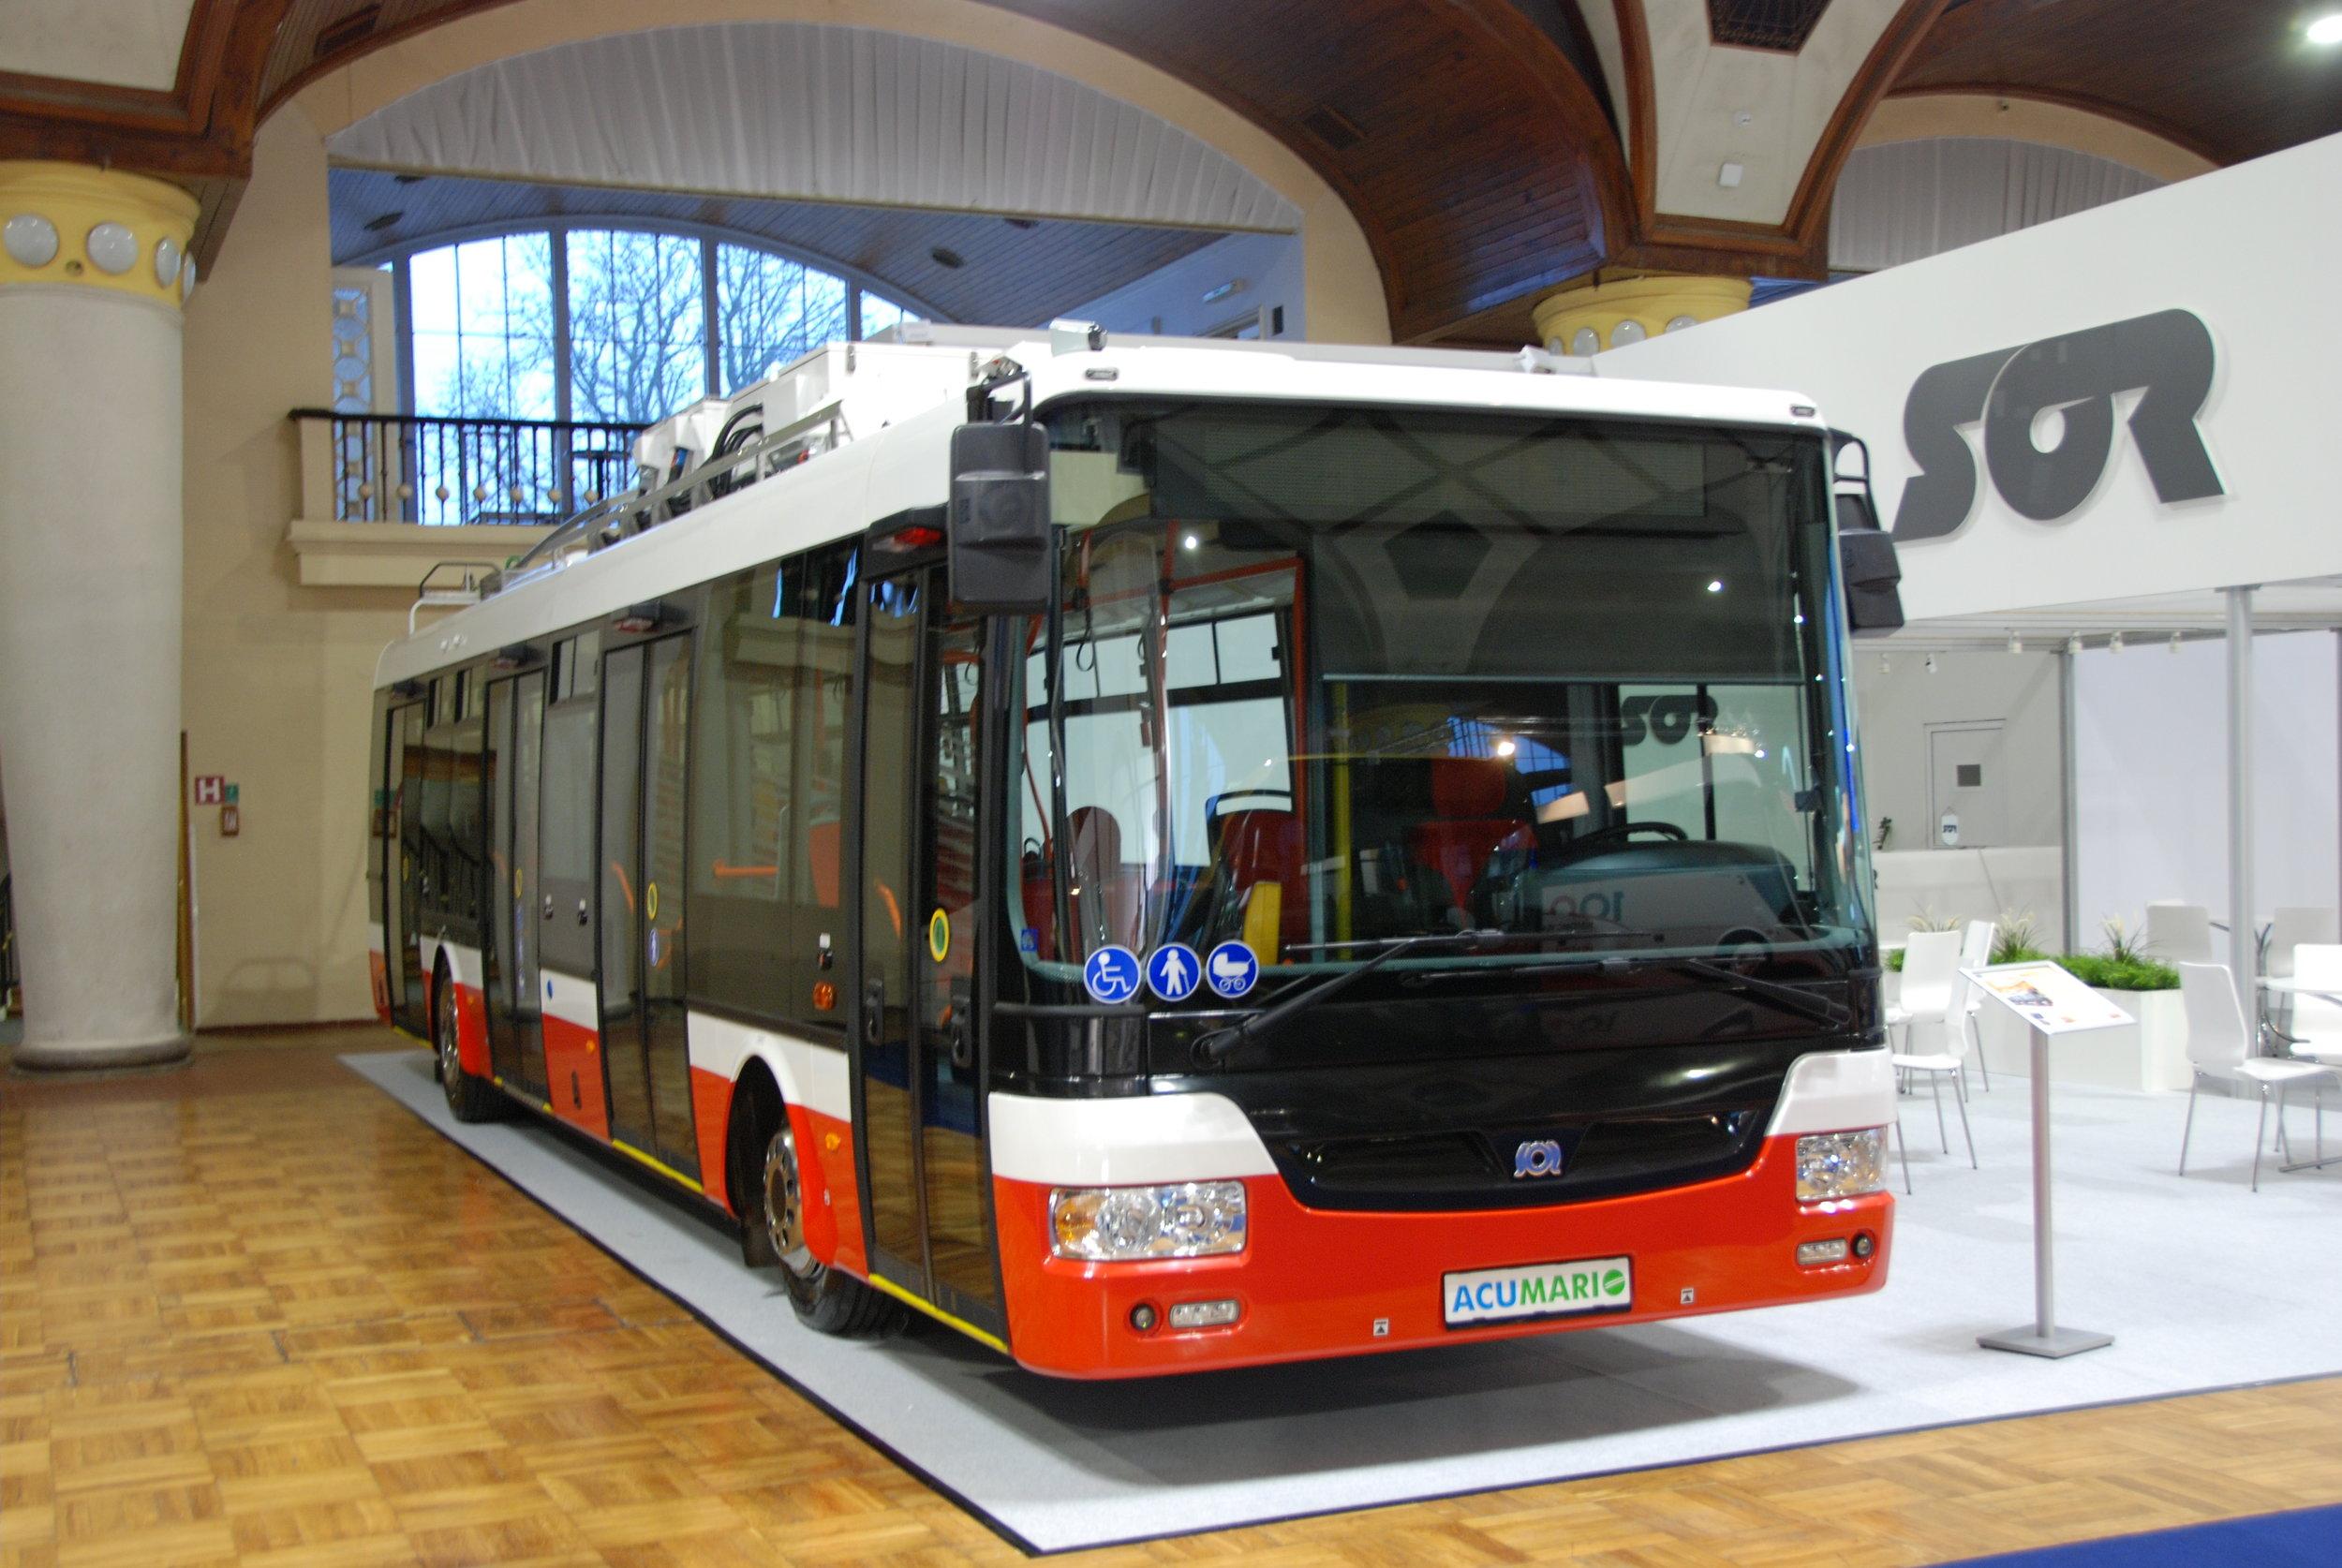 """Trolejbus SOR TNB 12 pojmenovaný jako """"ACUMARIO"""" na veletrhu CZECHBUS 2016. Blíže se budeme tomuto netradičnímu vozidlu věnovat v tištěné verzi časopisu.(foto: Libor Hinčica)"""